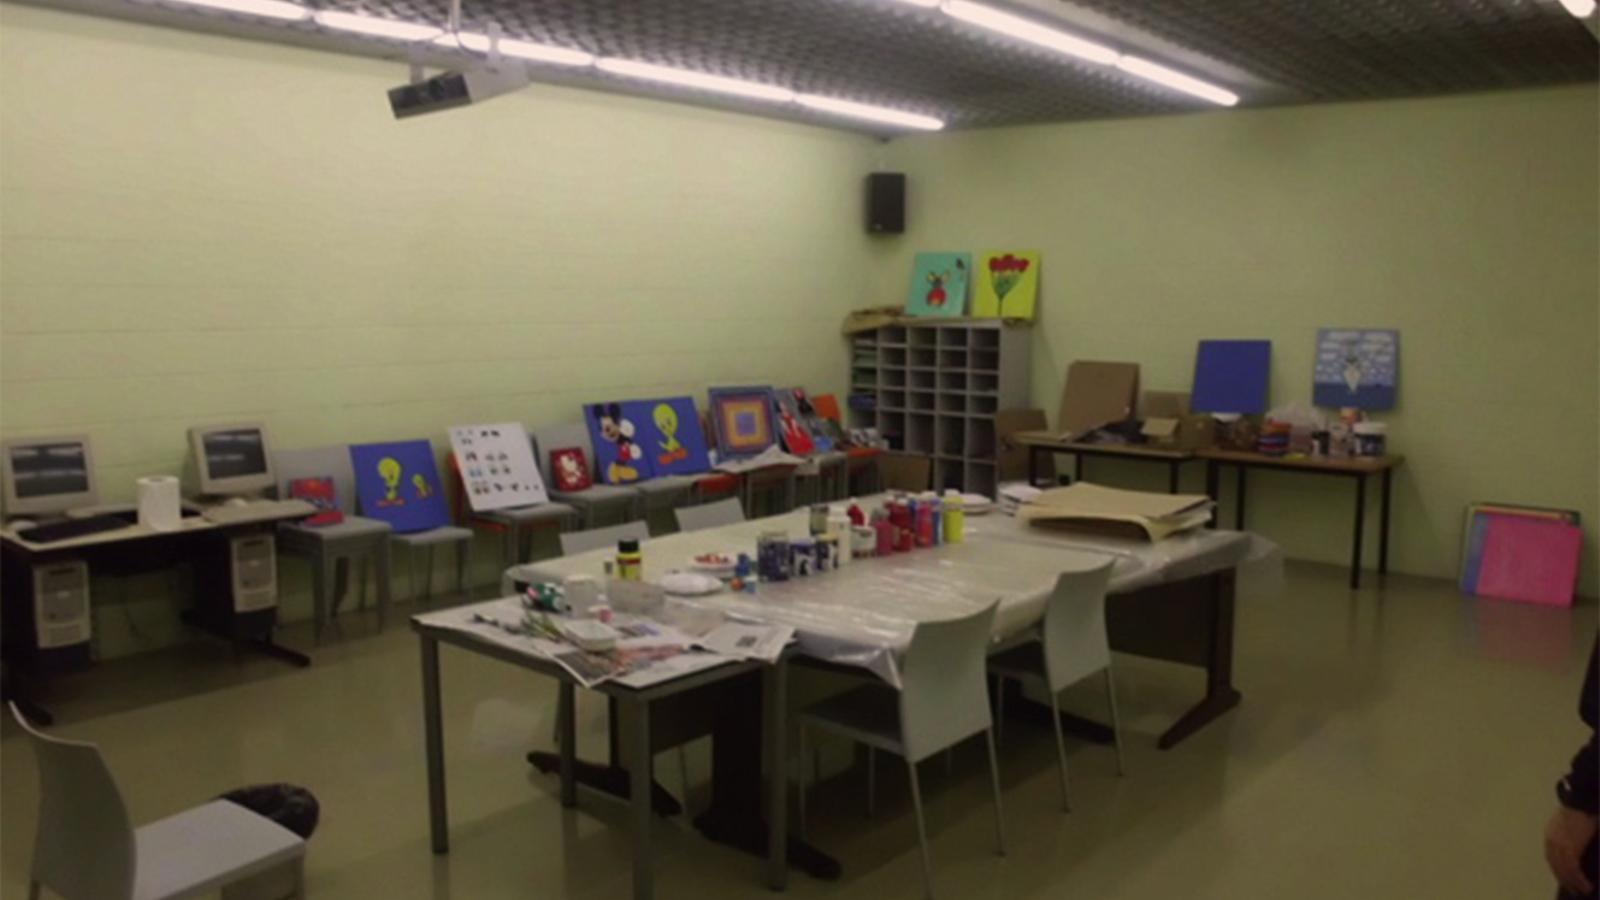 Zona de tallers pels interns del centre penitenciari de la Comella. / ARXIU ANA